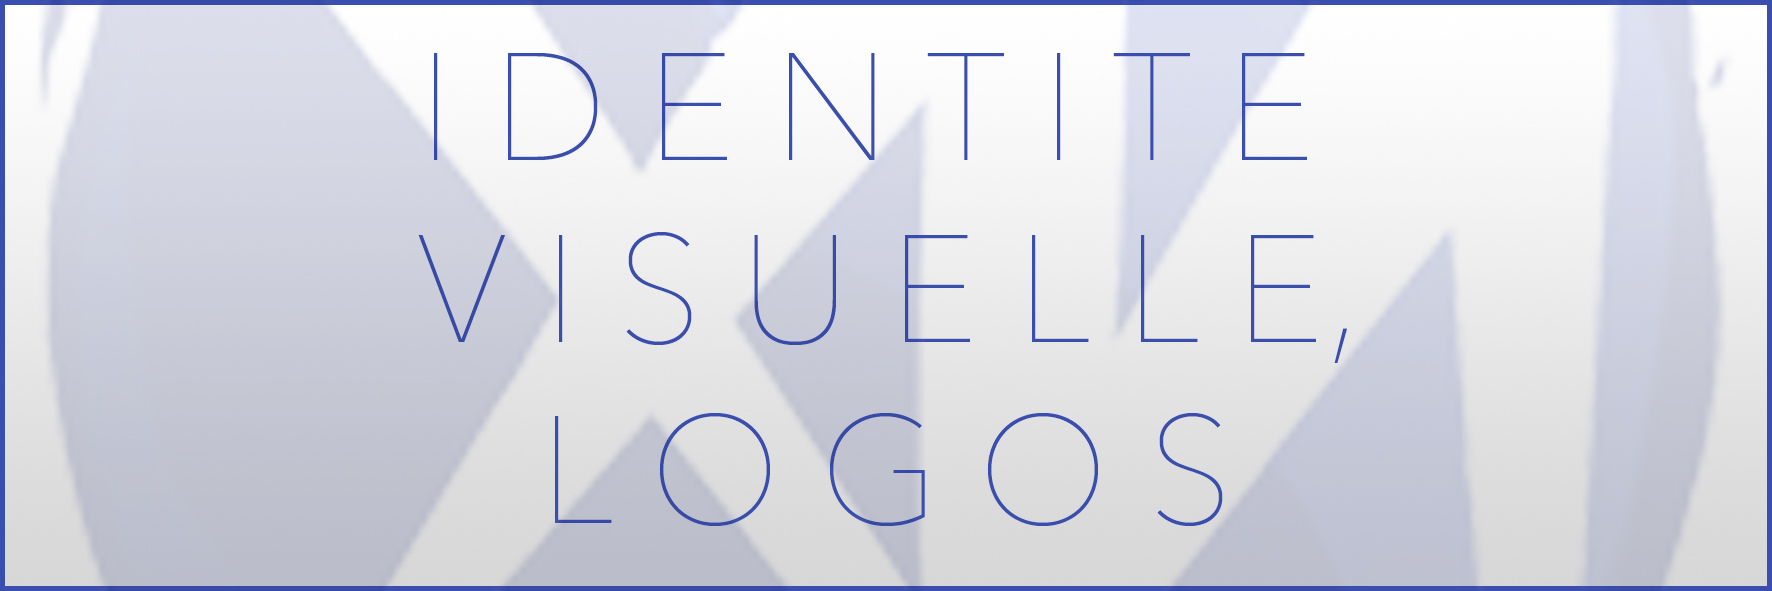 logos en glace,Sculpture sur glace partout en France Paris, Marseille, Lyon, Cannes, Monaco, Bordeau